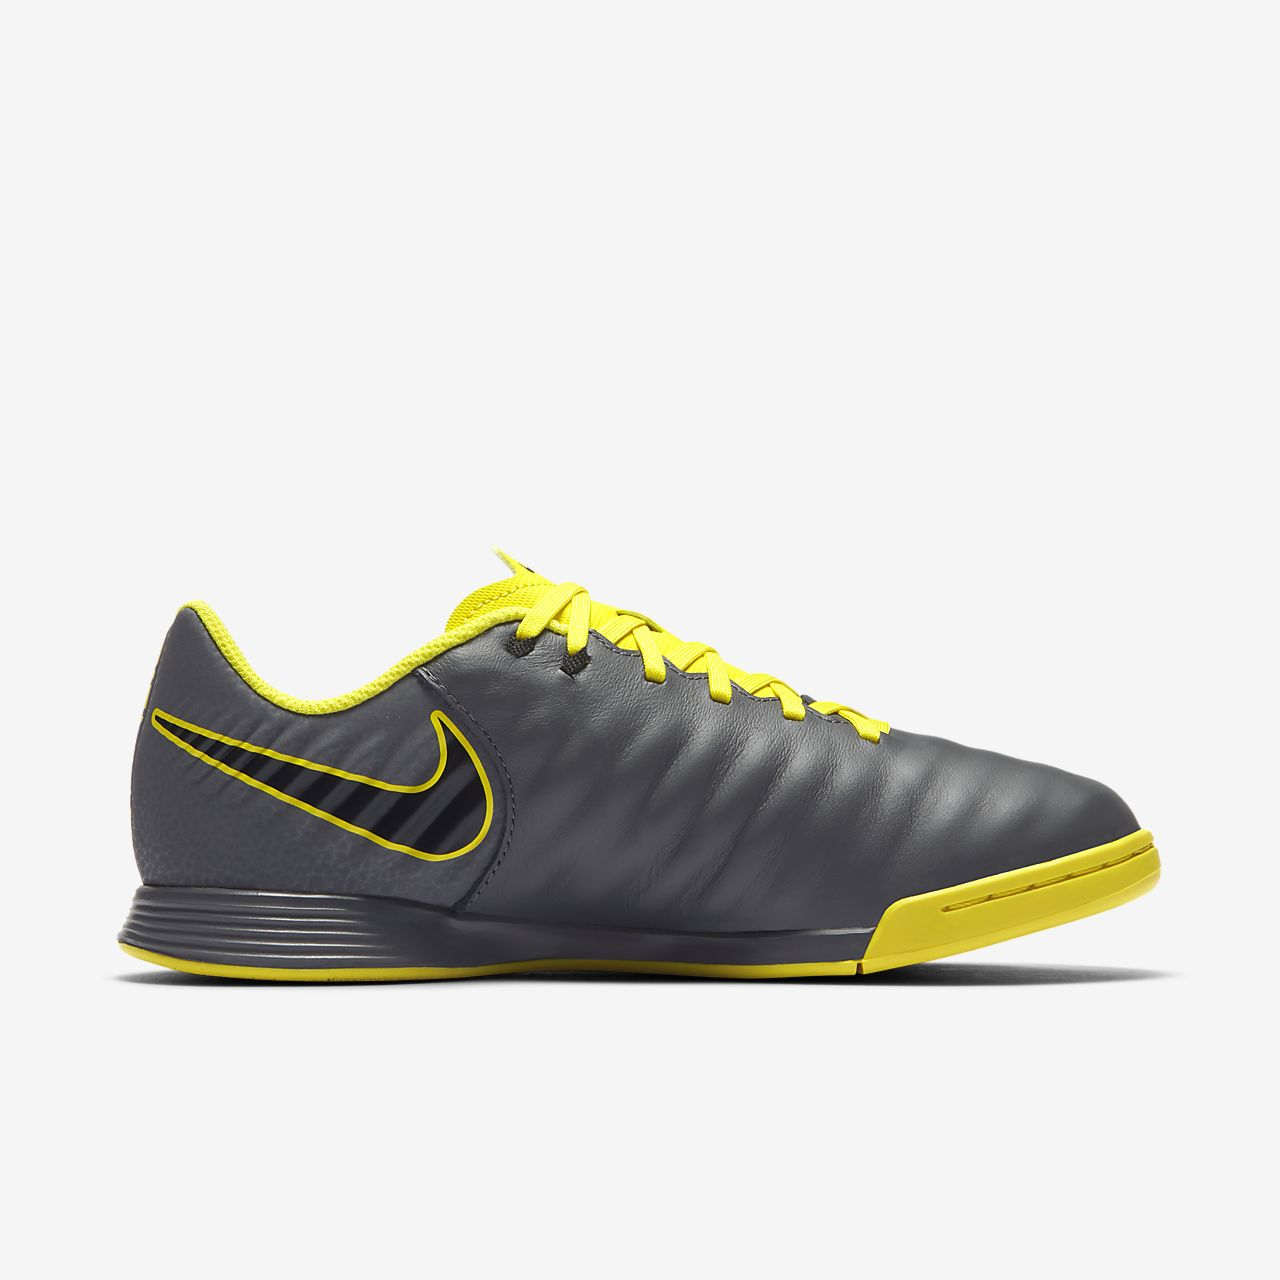 finest selection 0b438 fe294 ... Chaussure de football en salle à crampons Nike Jr. Tiempo LegendX VII  Academy IC pour